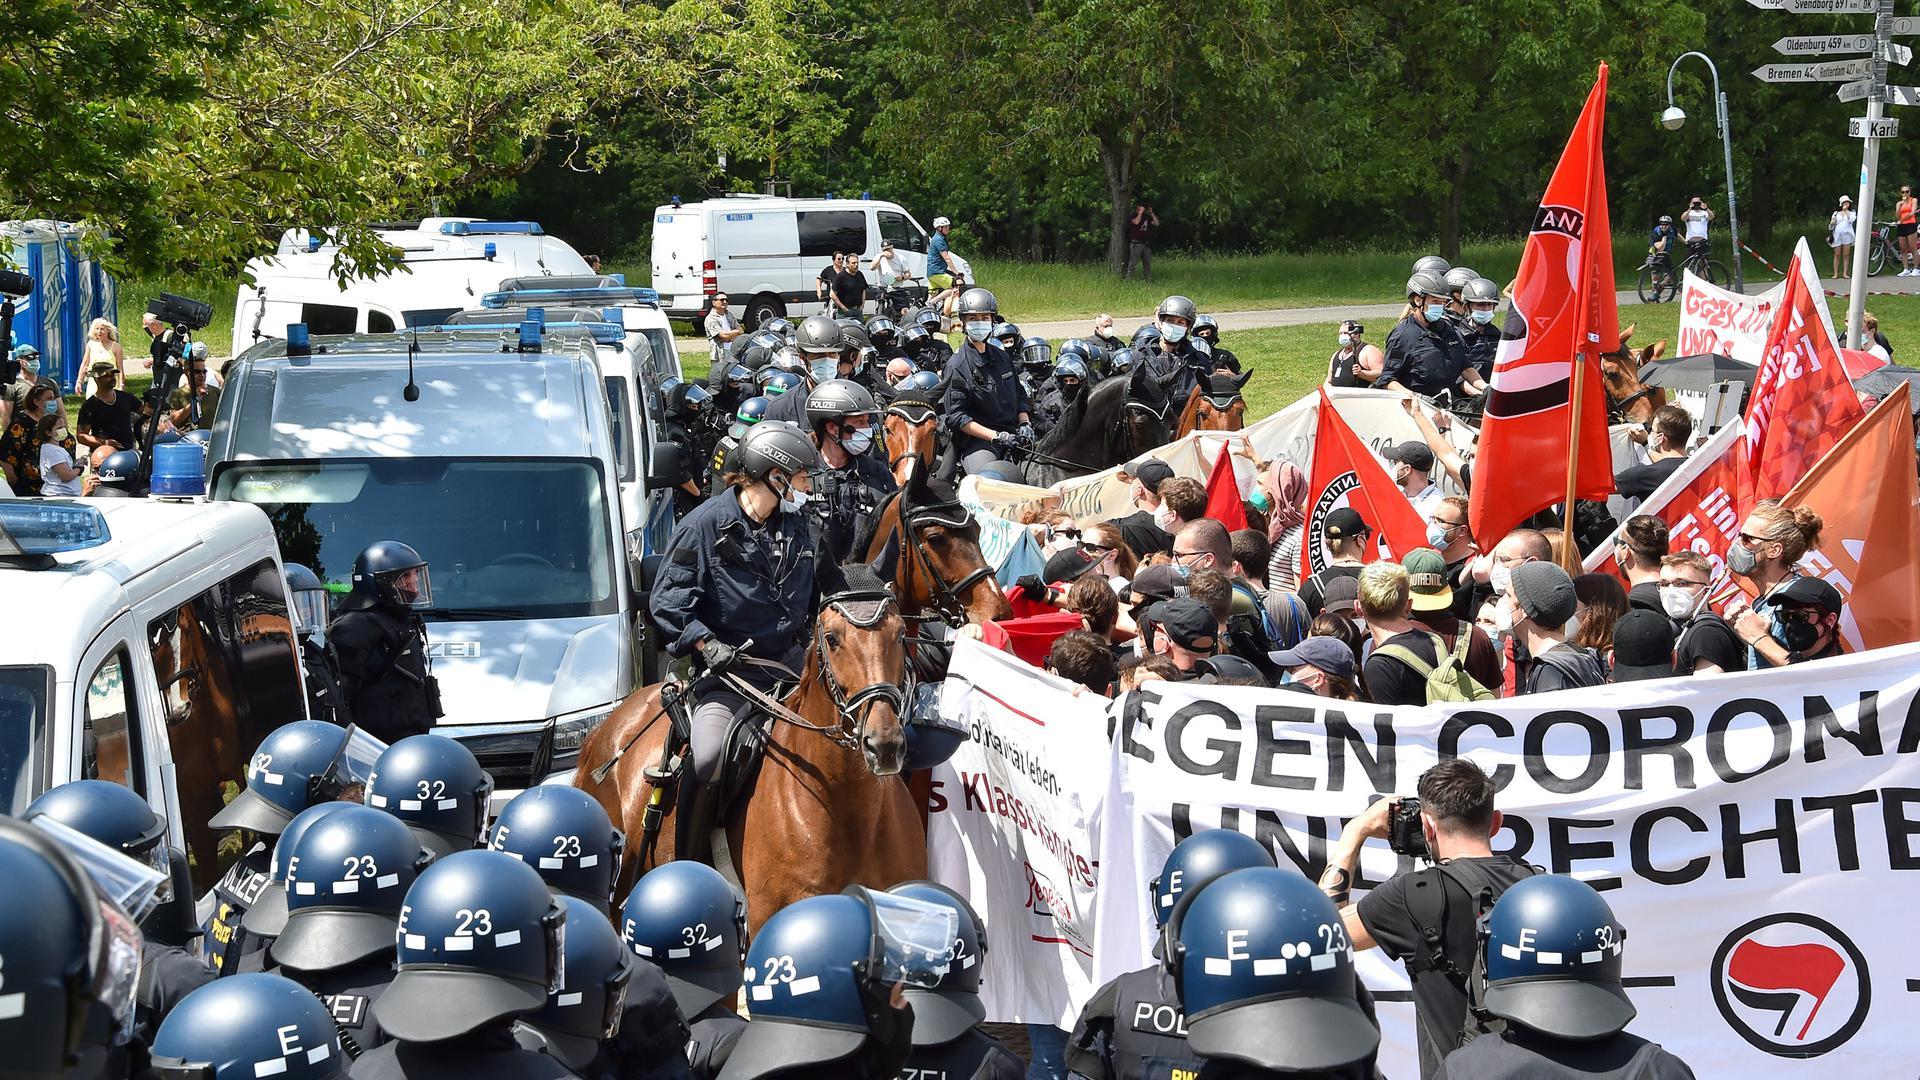 Mithilfe von Pferden drängten die Polizisten die Antifa-Demonstranten weiter zurück.